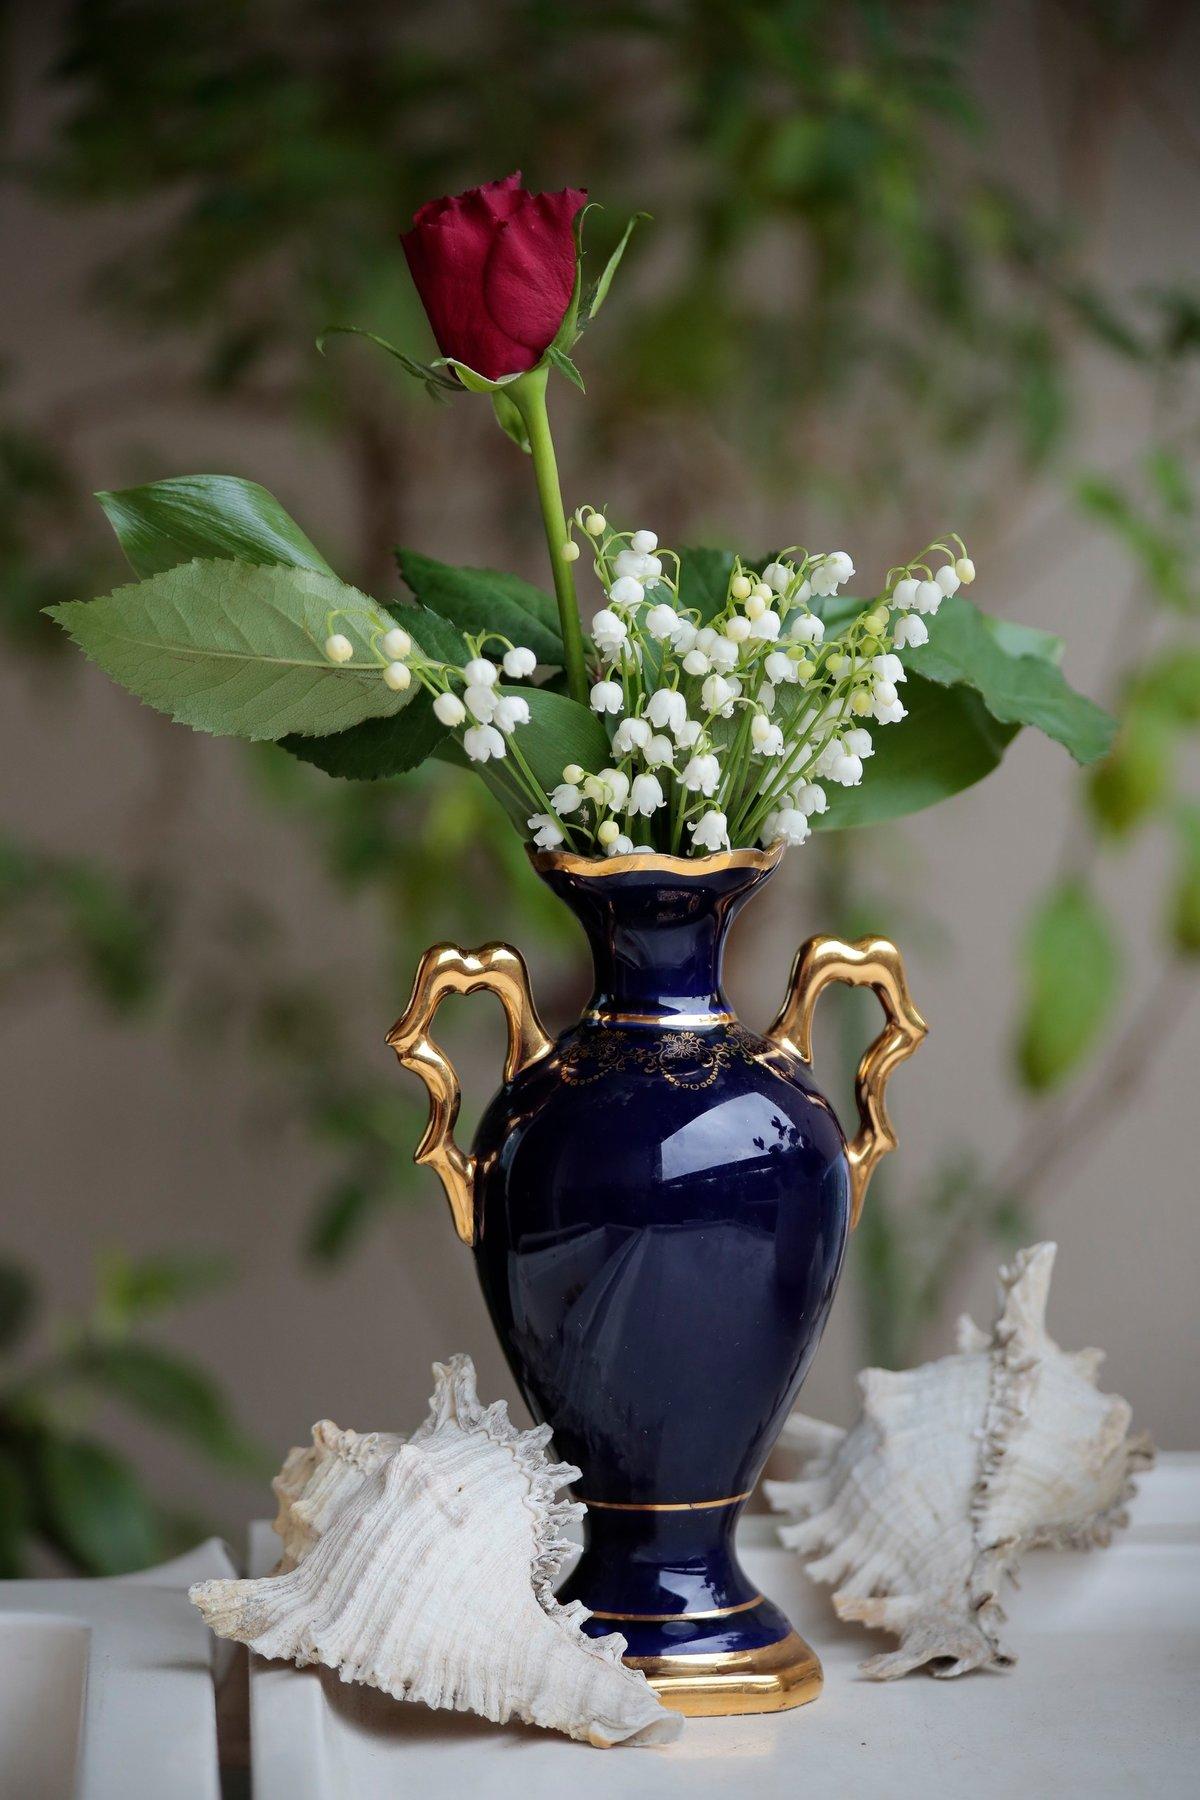 Фото с цветами в вазе